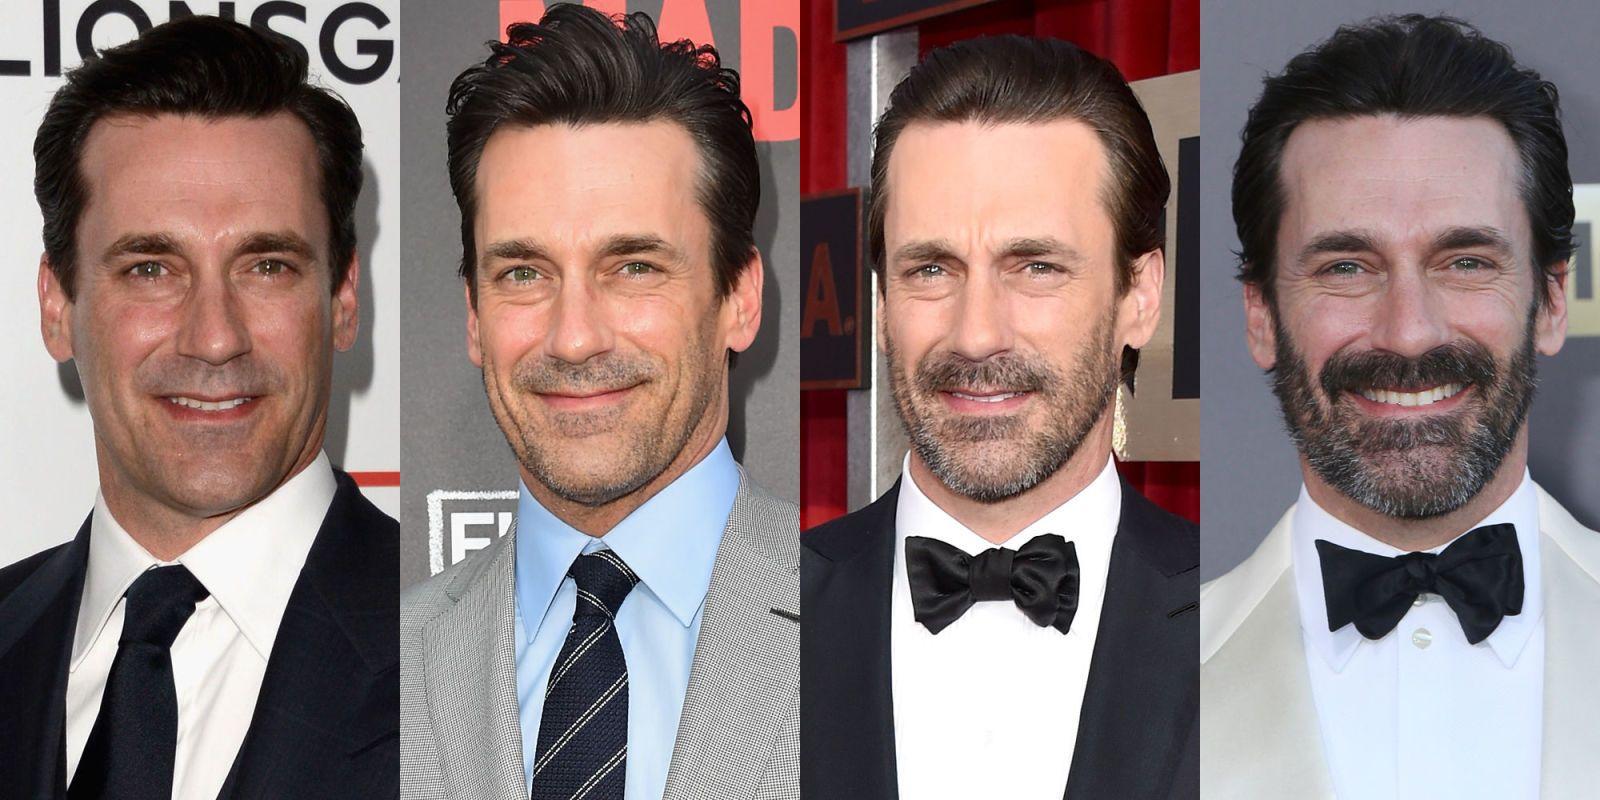 Do women prefer facial hair